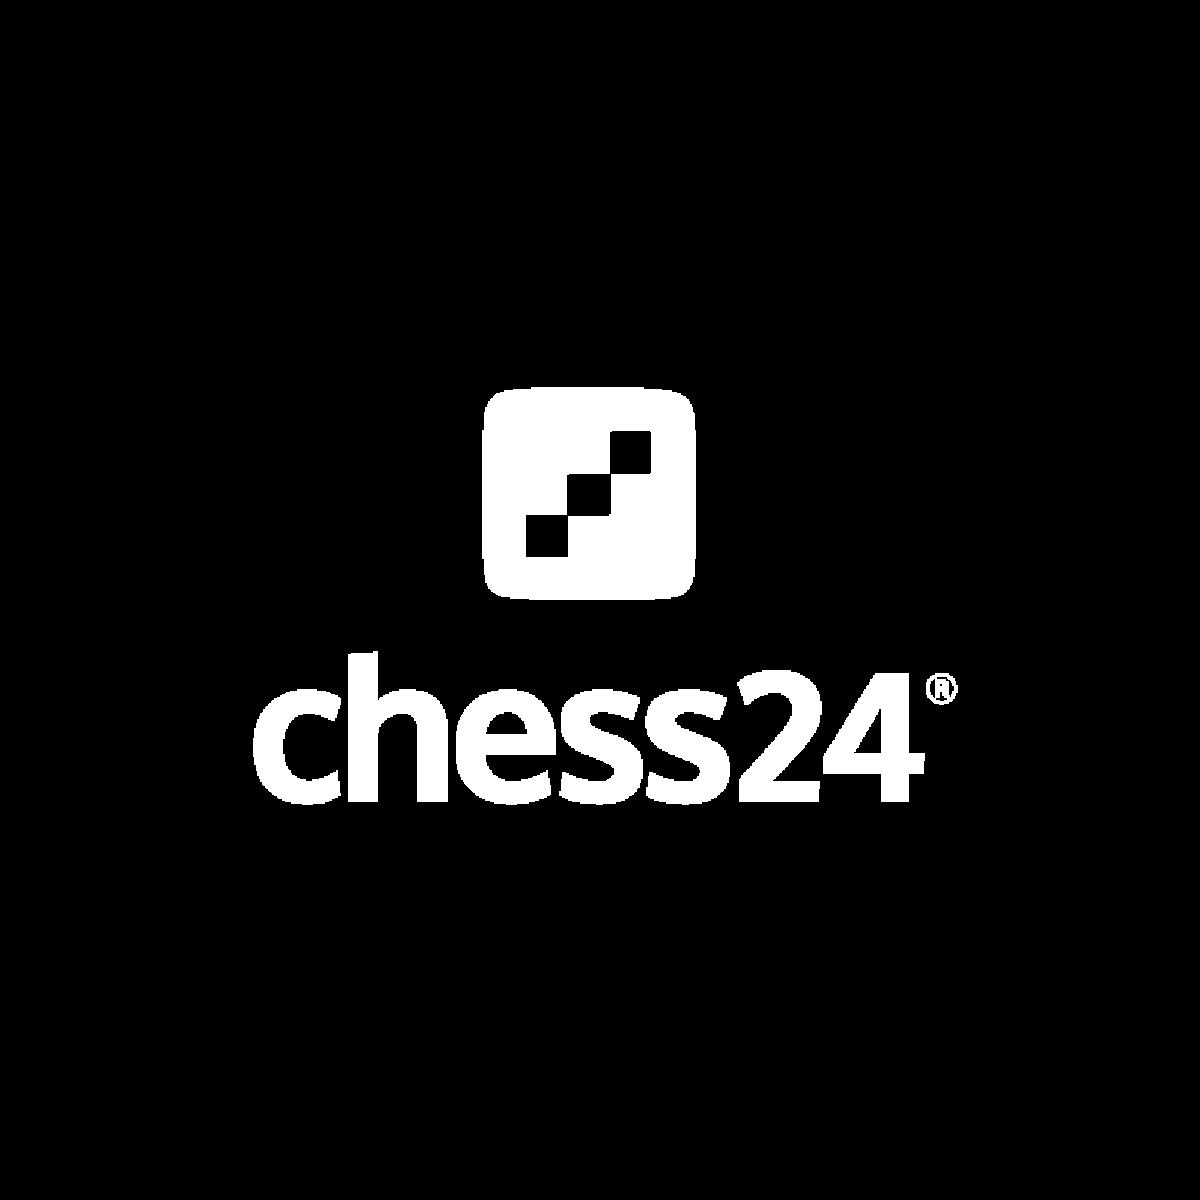 Chess24.com logo